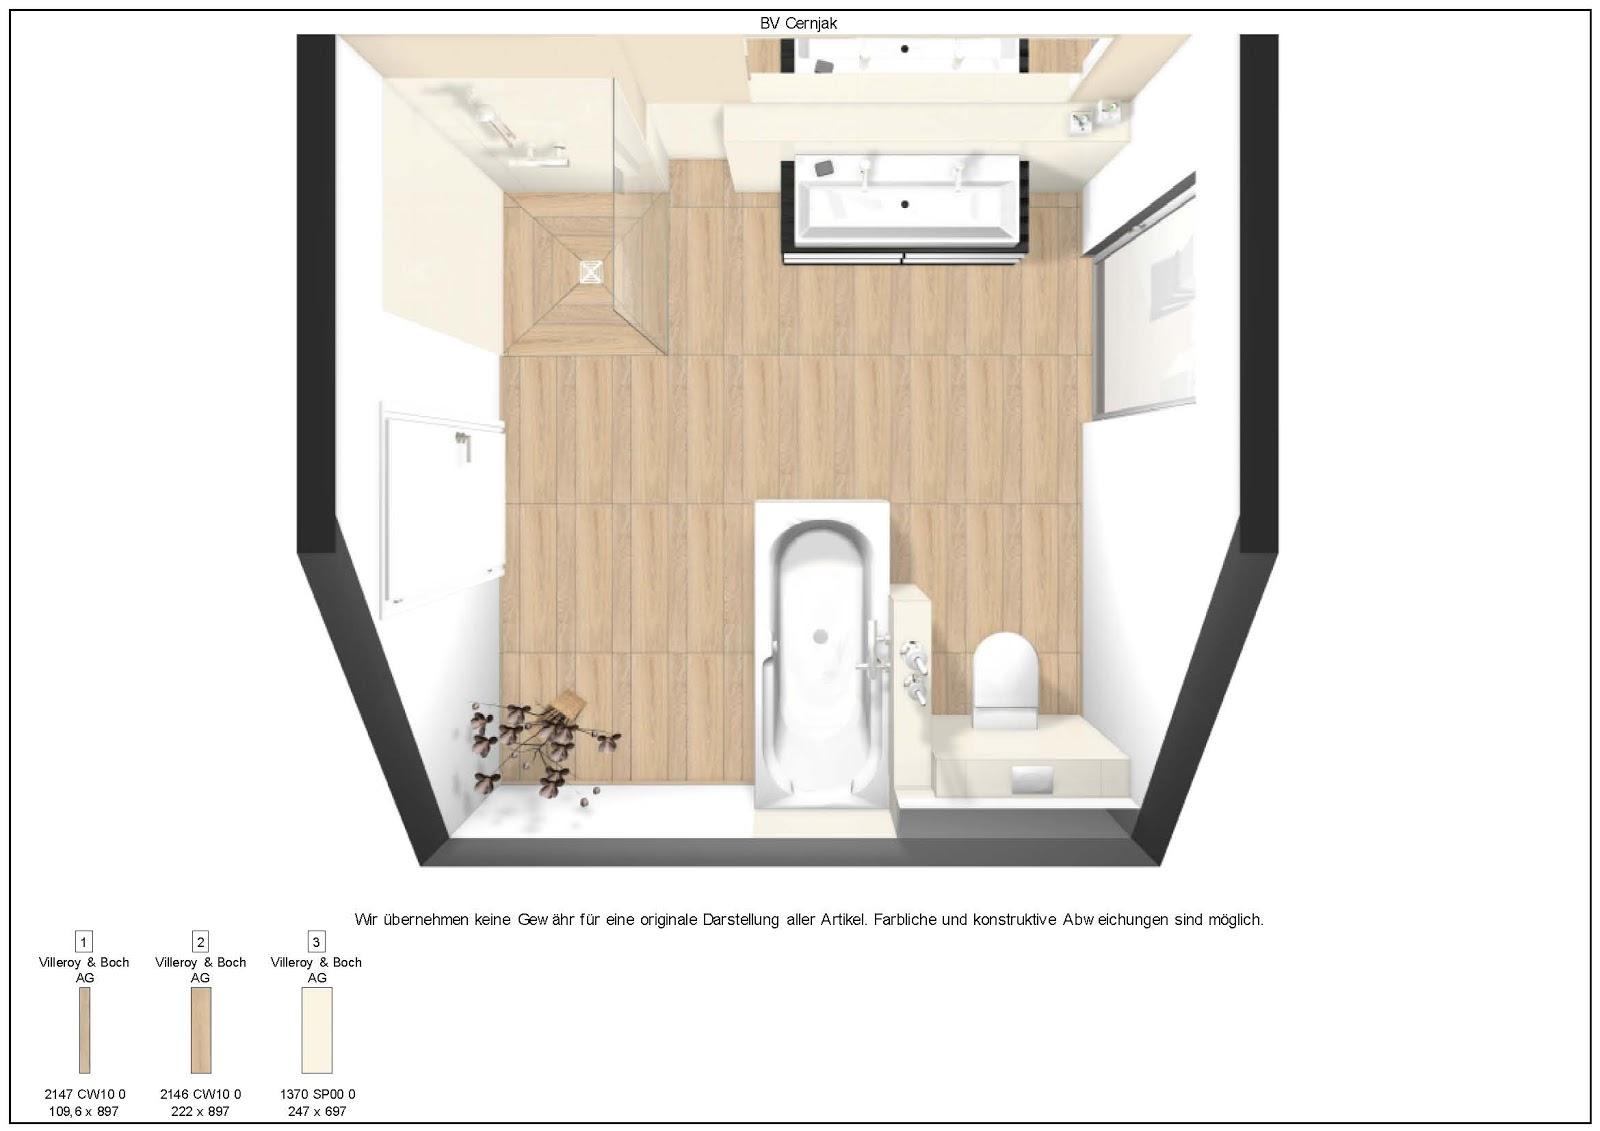 Bodentiefe Dusche Bauen : Wir bauen Zuhausehaus Edition 425: M?rz 2013